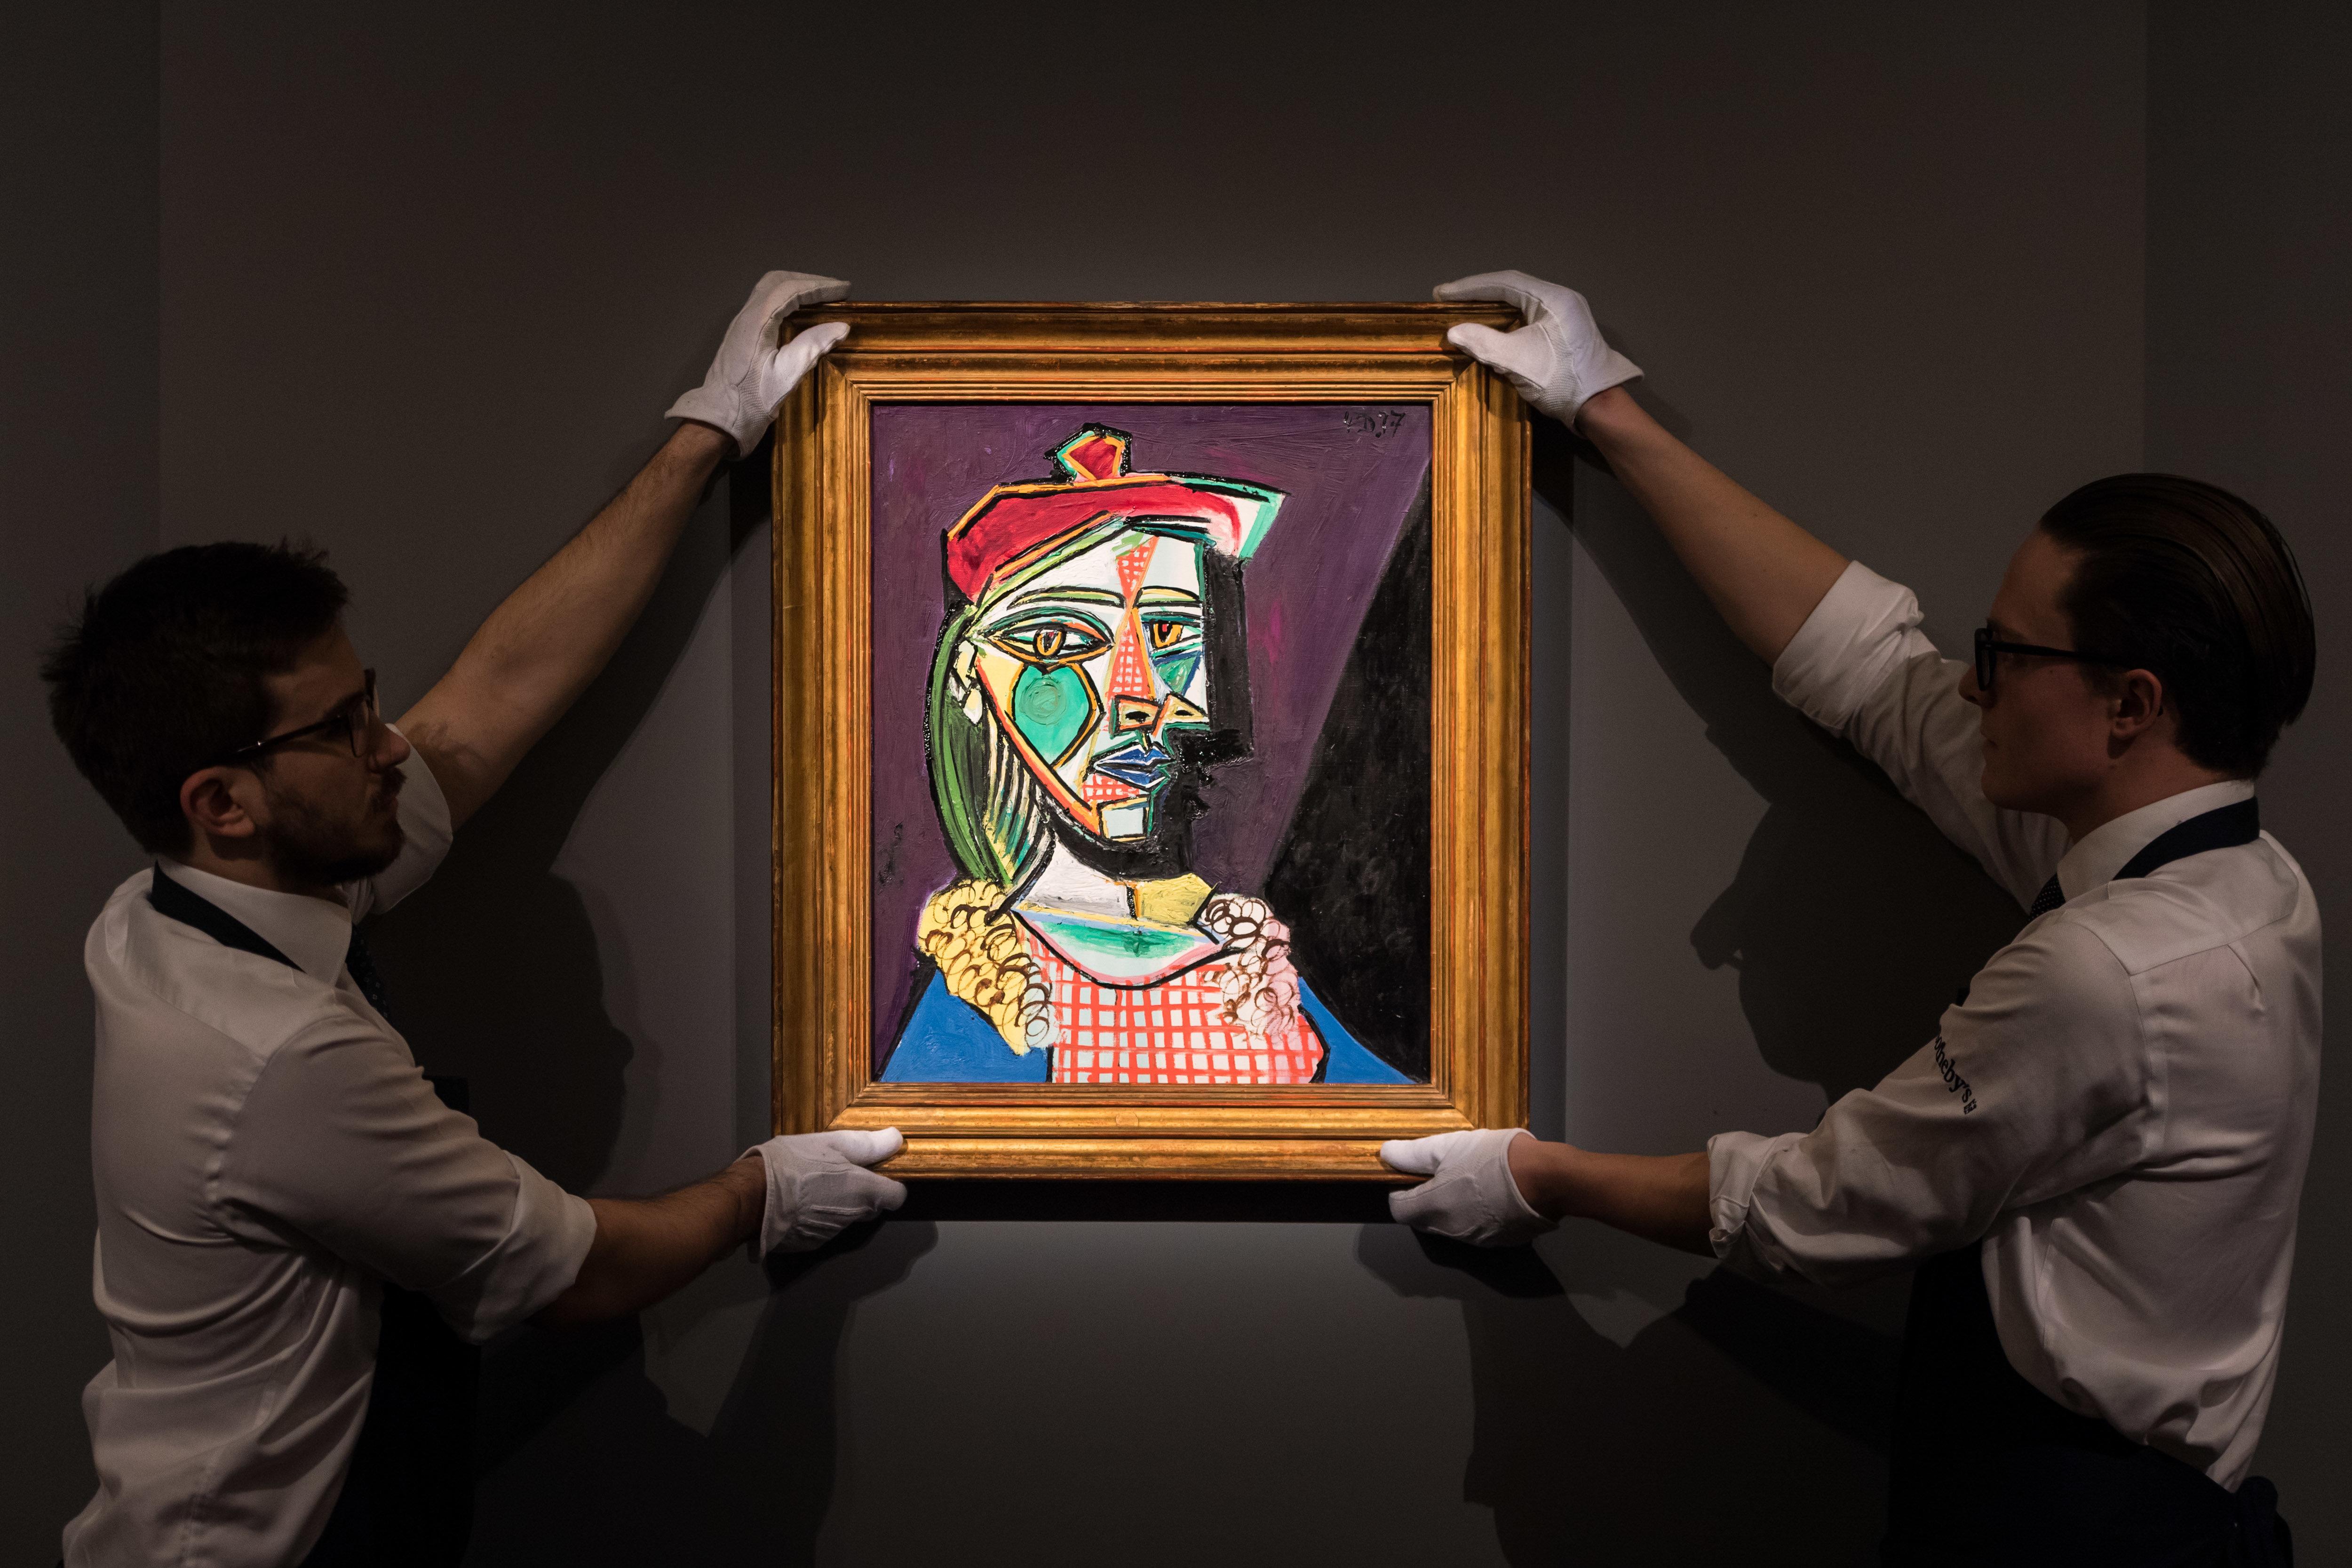 Οι δύο ερωμένες του Picasso: Ο πίνακας που τις απεικονίζει δημοπρατείται στο